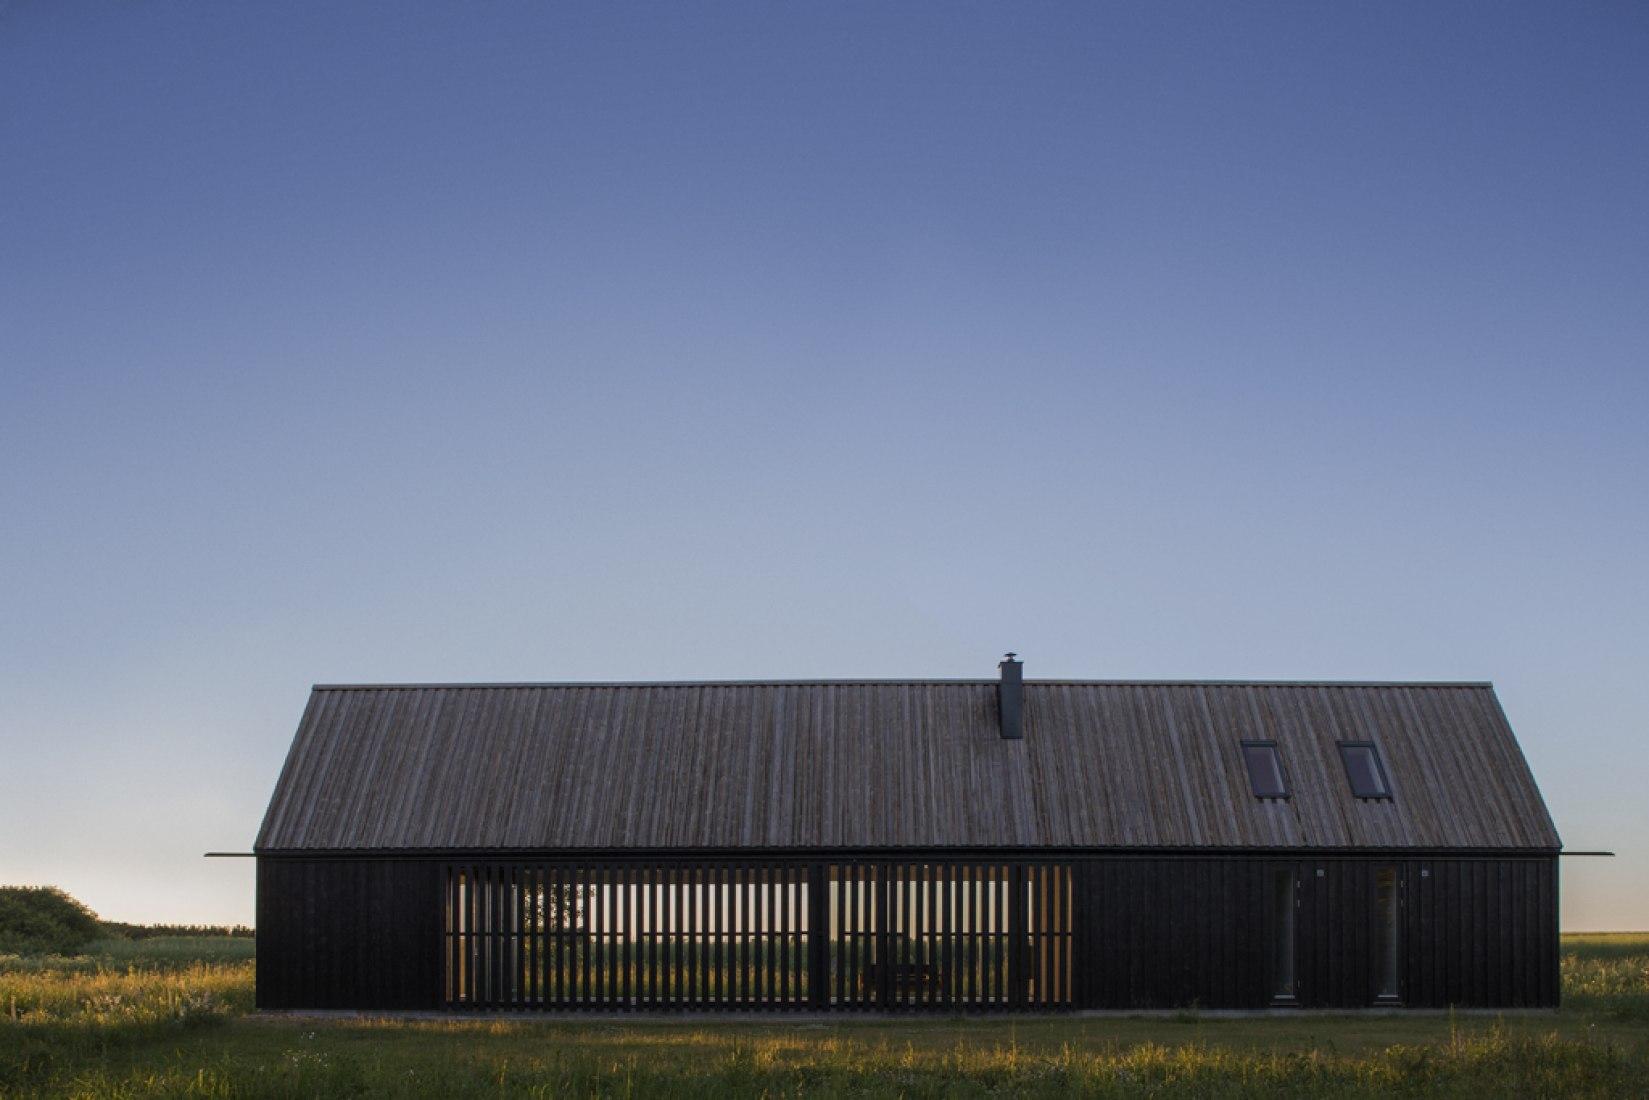 Vista exterior. Imagen © Joachim Belaieff.